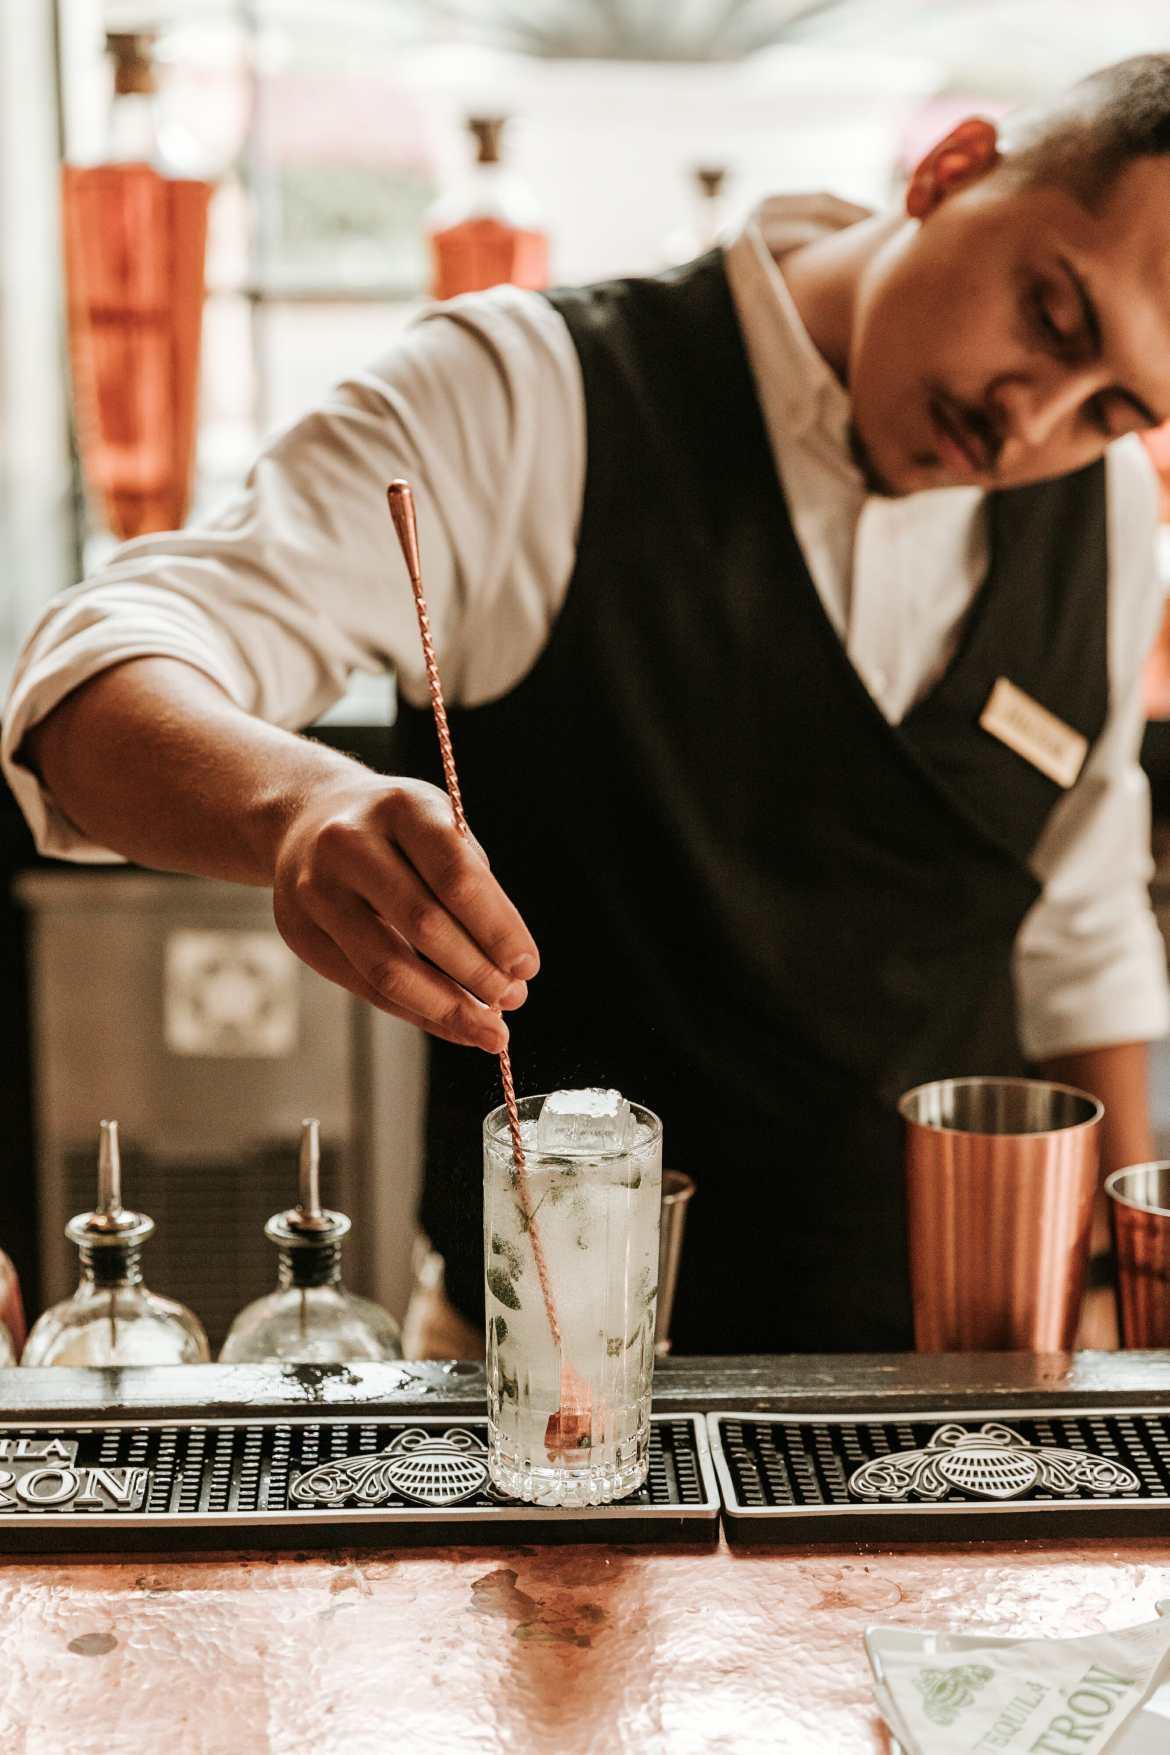 man stirring cocktail